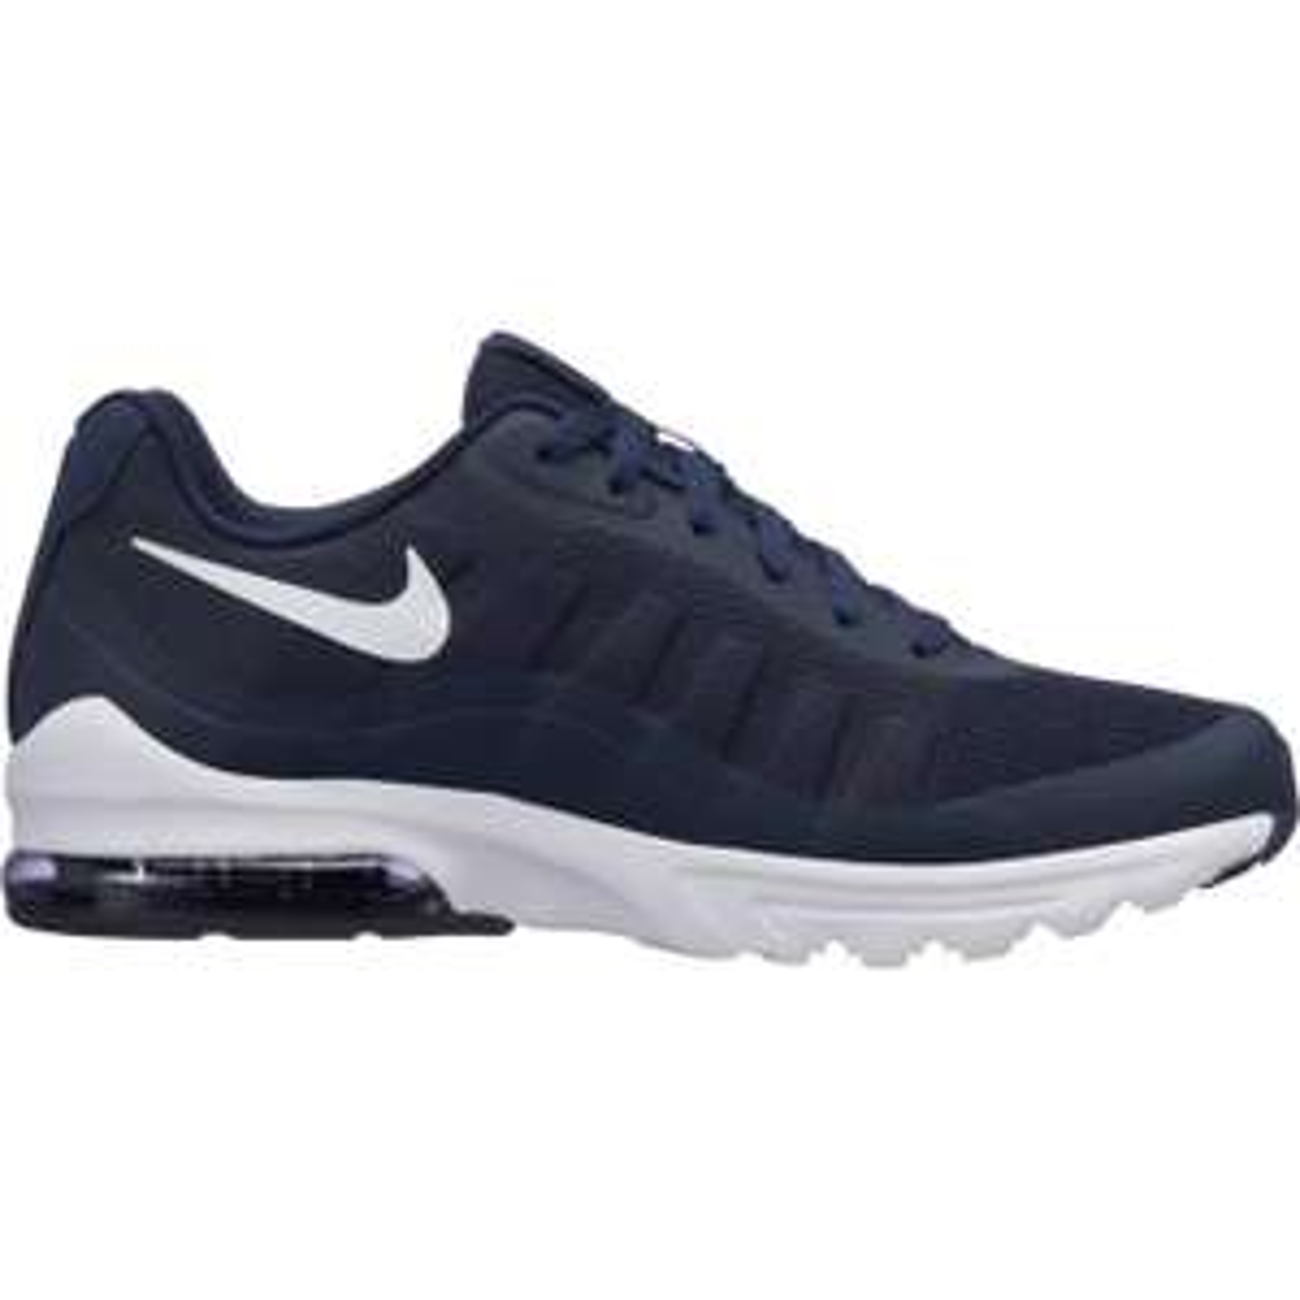 Baskets Nike Air Max Invigor (Taille 42.5) - Bleu marine